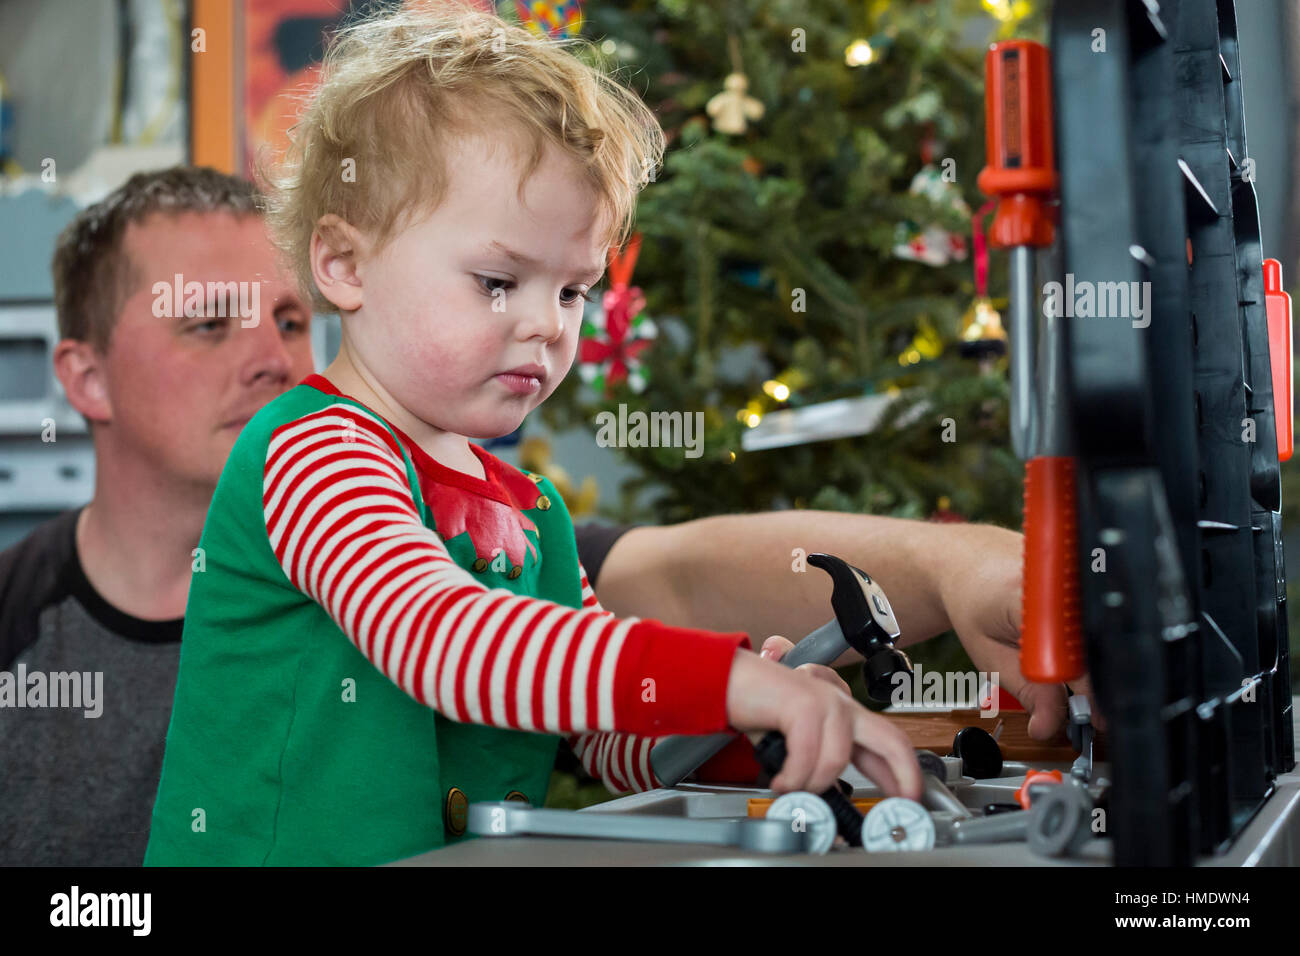 Denver, Colorado - Adam Hjermstad Jr., 2 1/2, plays with a tool set he got for Christmas as his dad, Adam Hjermstad - Stock Image